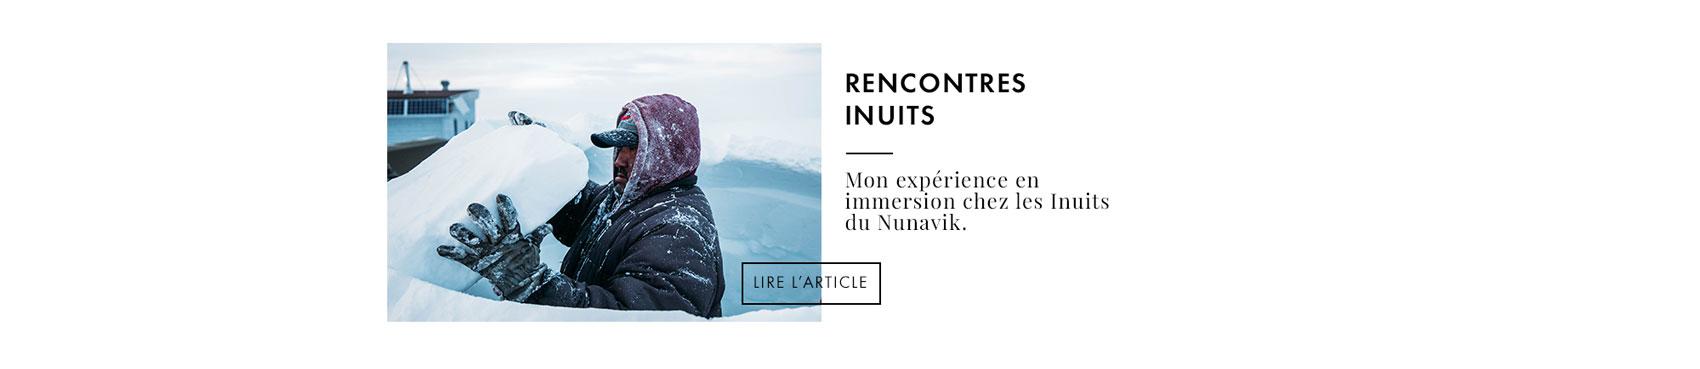 les inuits du Nunavik